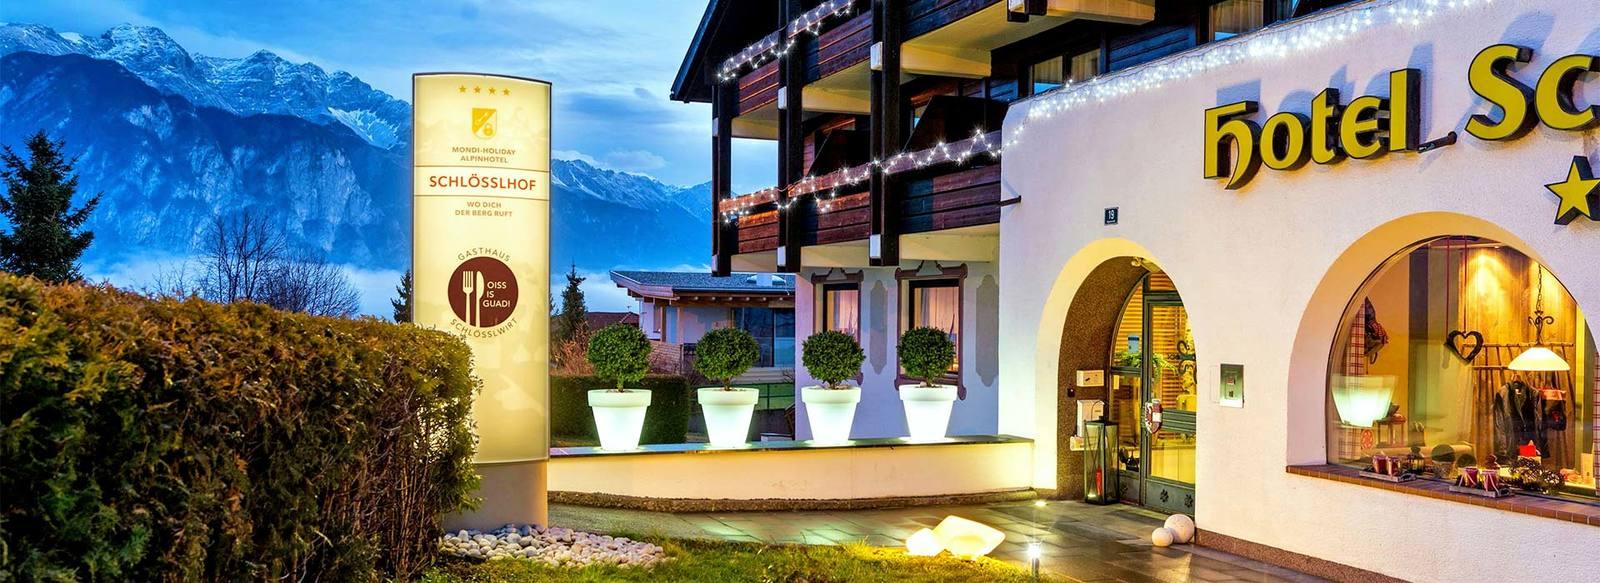 Hotel di charme ad Axams